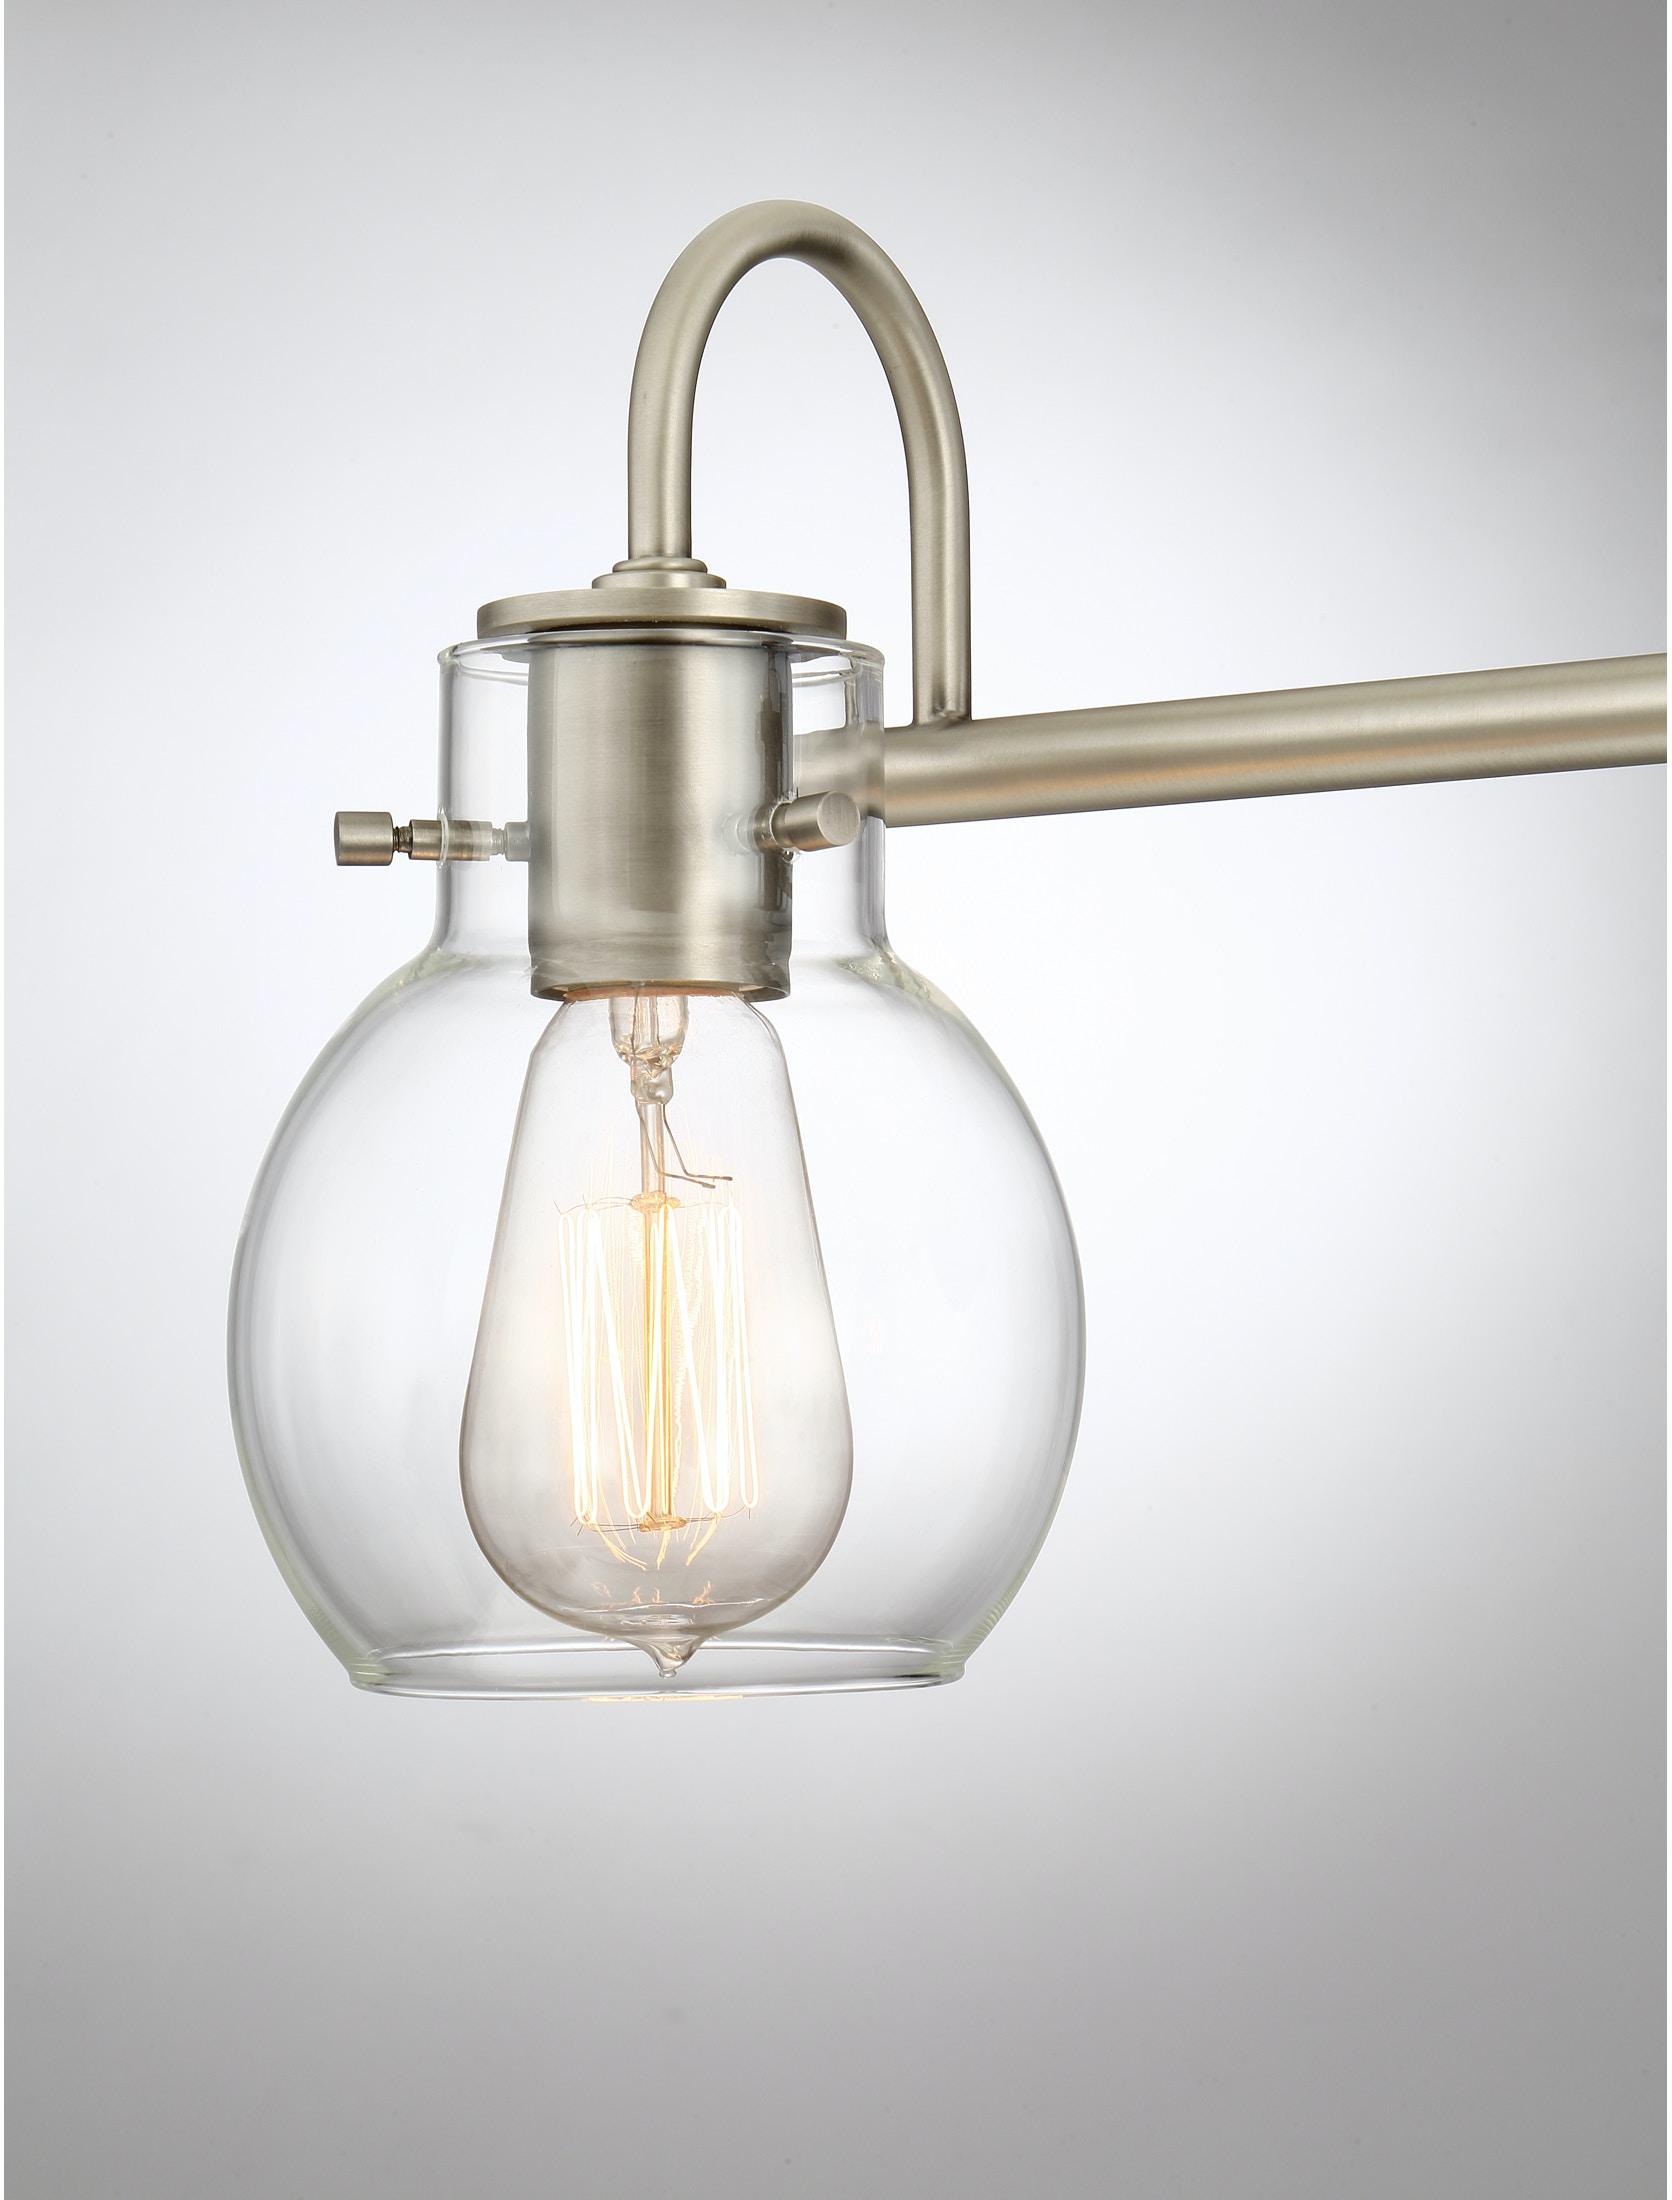 Quoizel Bathroom Light Fixtures quoizel lamps and lighting bath light anw8603an - paul schatz